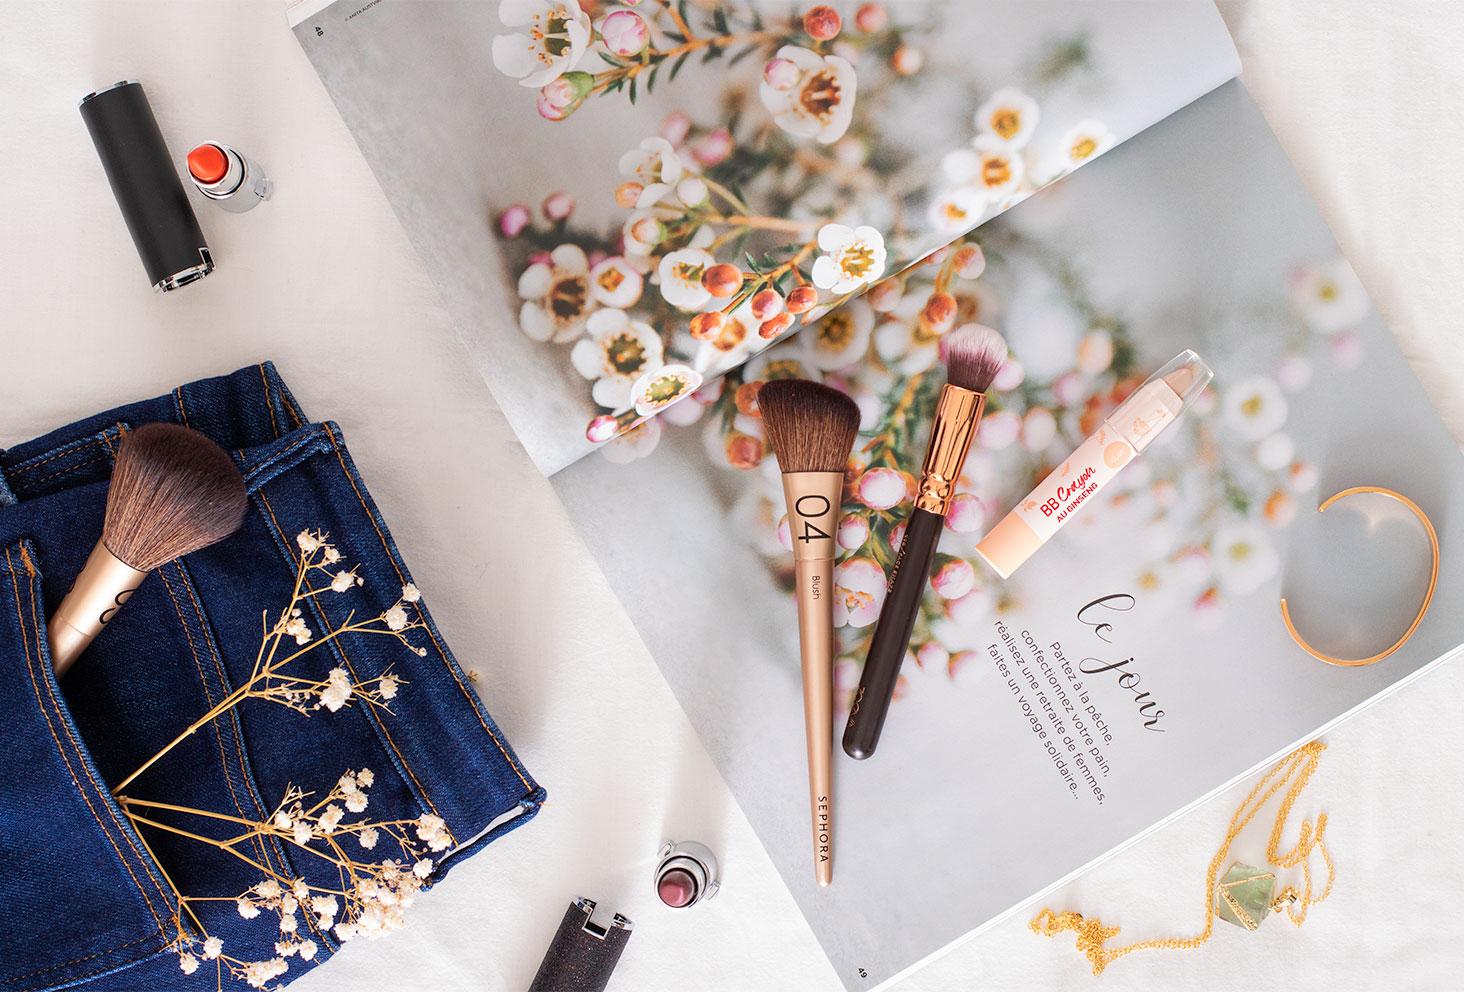 Le BB crayon Erborian posé sur un magazine ouvert à côté d'un jean plié et de pinceaux